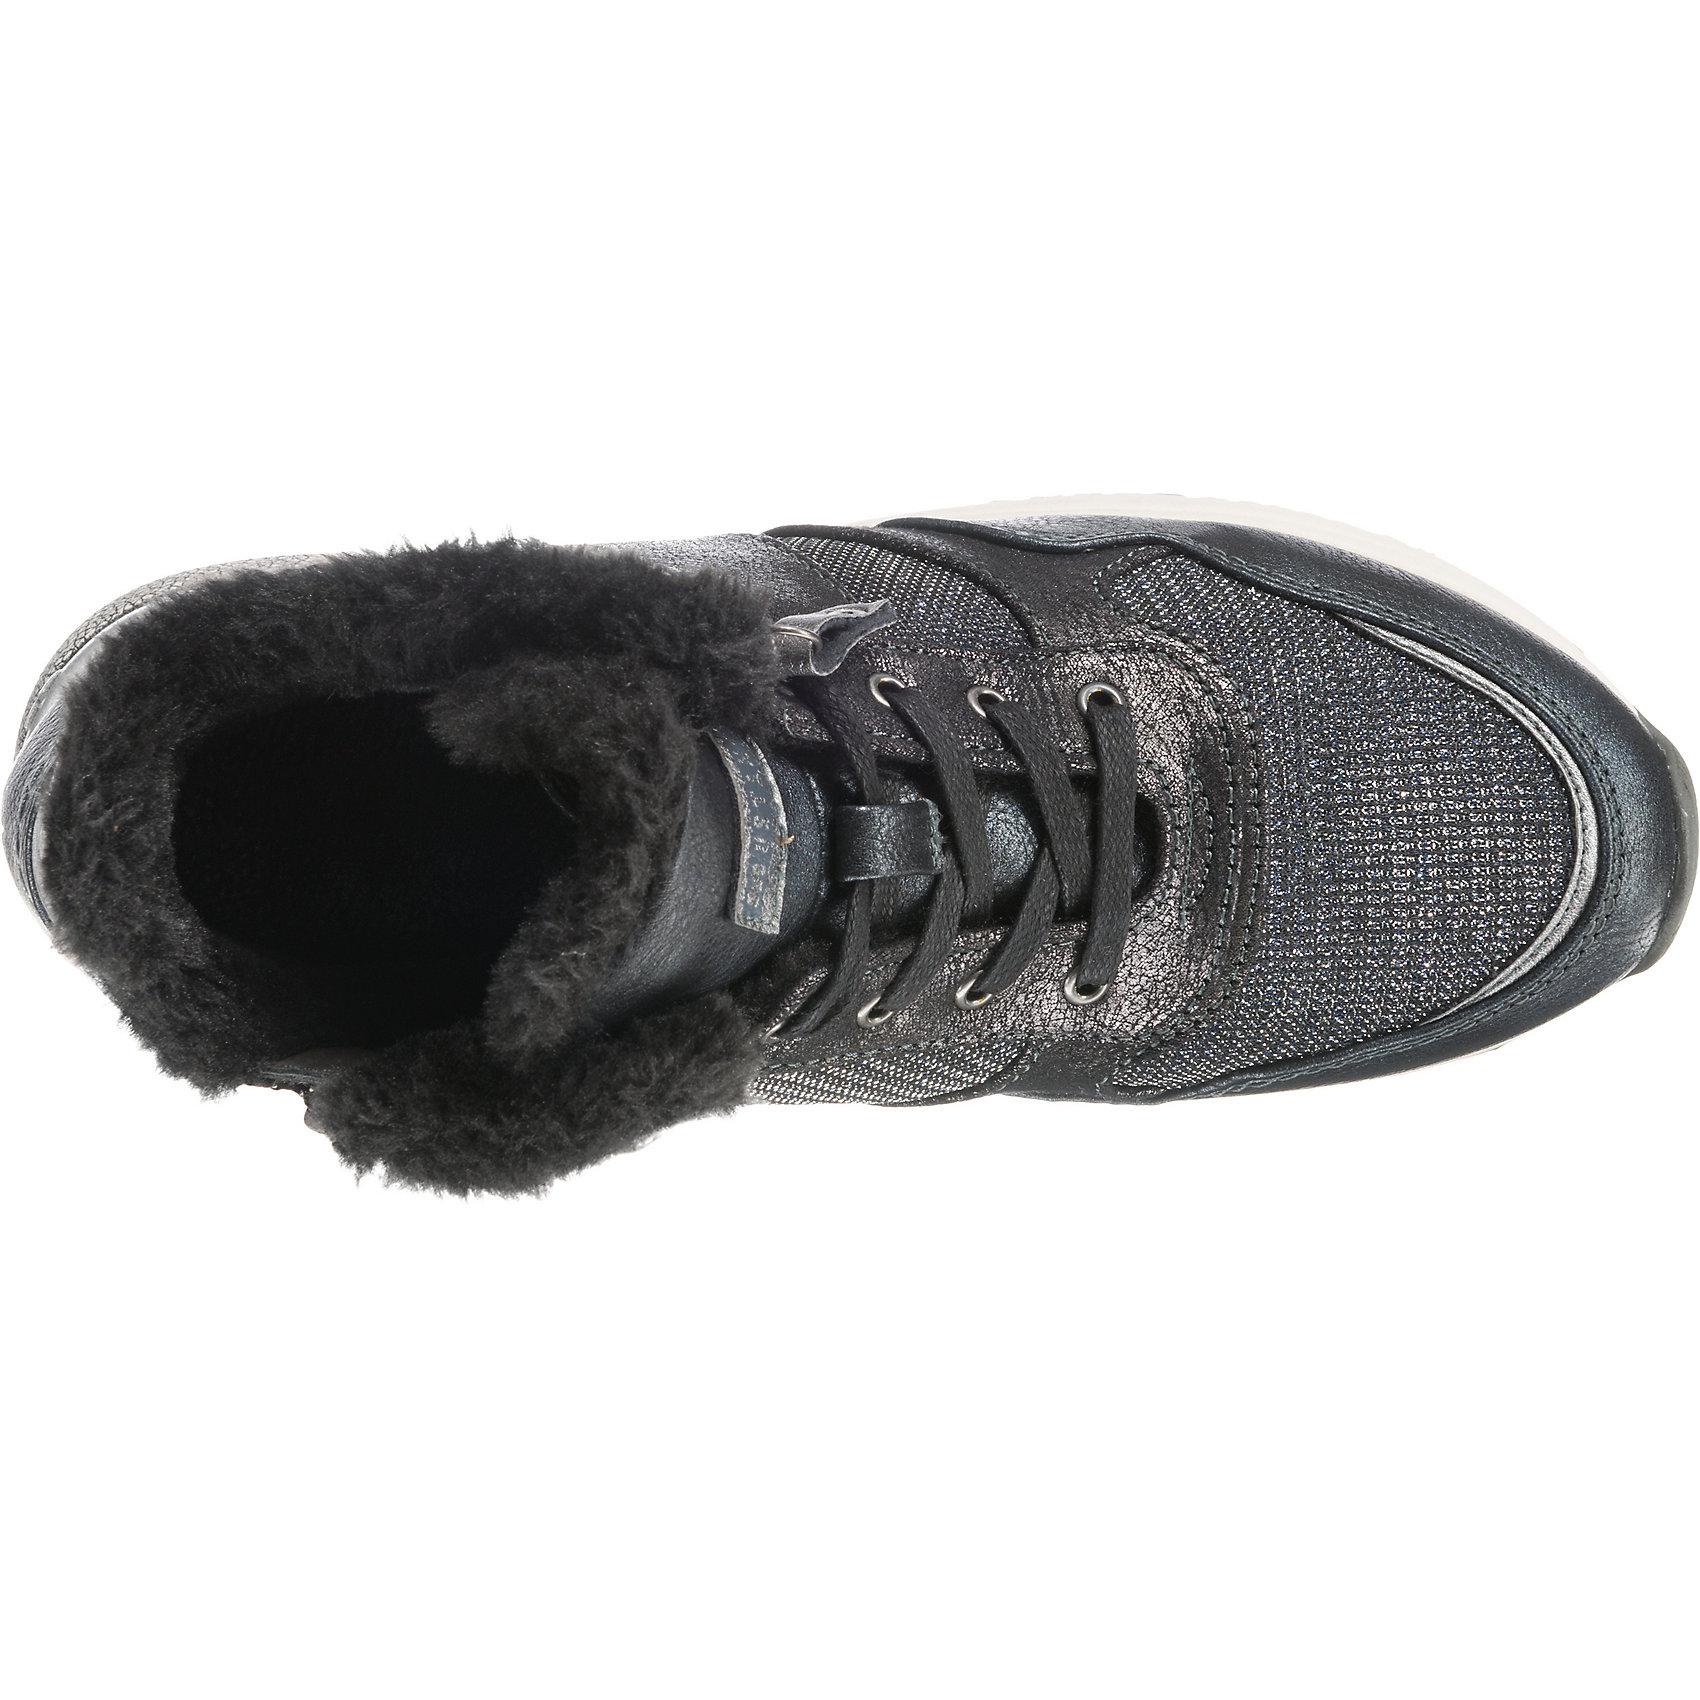 Neu MUSTANG Sneakers High dunkelgrau 8813649 für Damen dunkelgrau High d0dad3